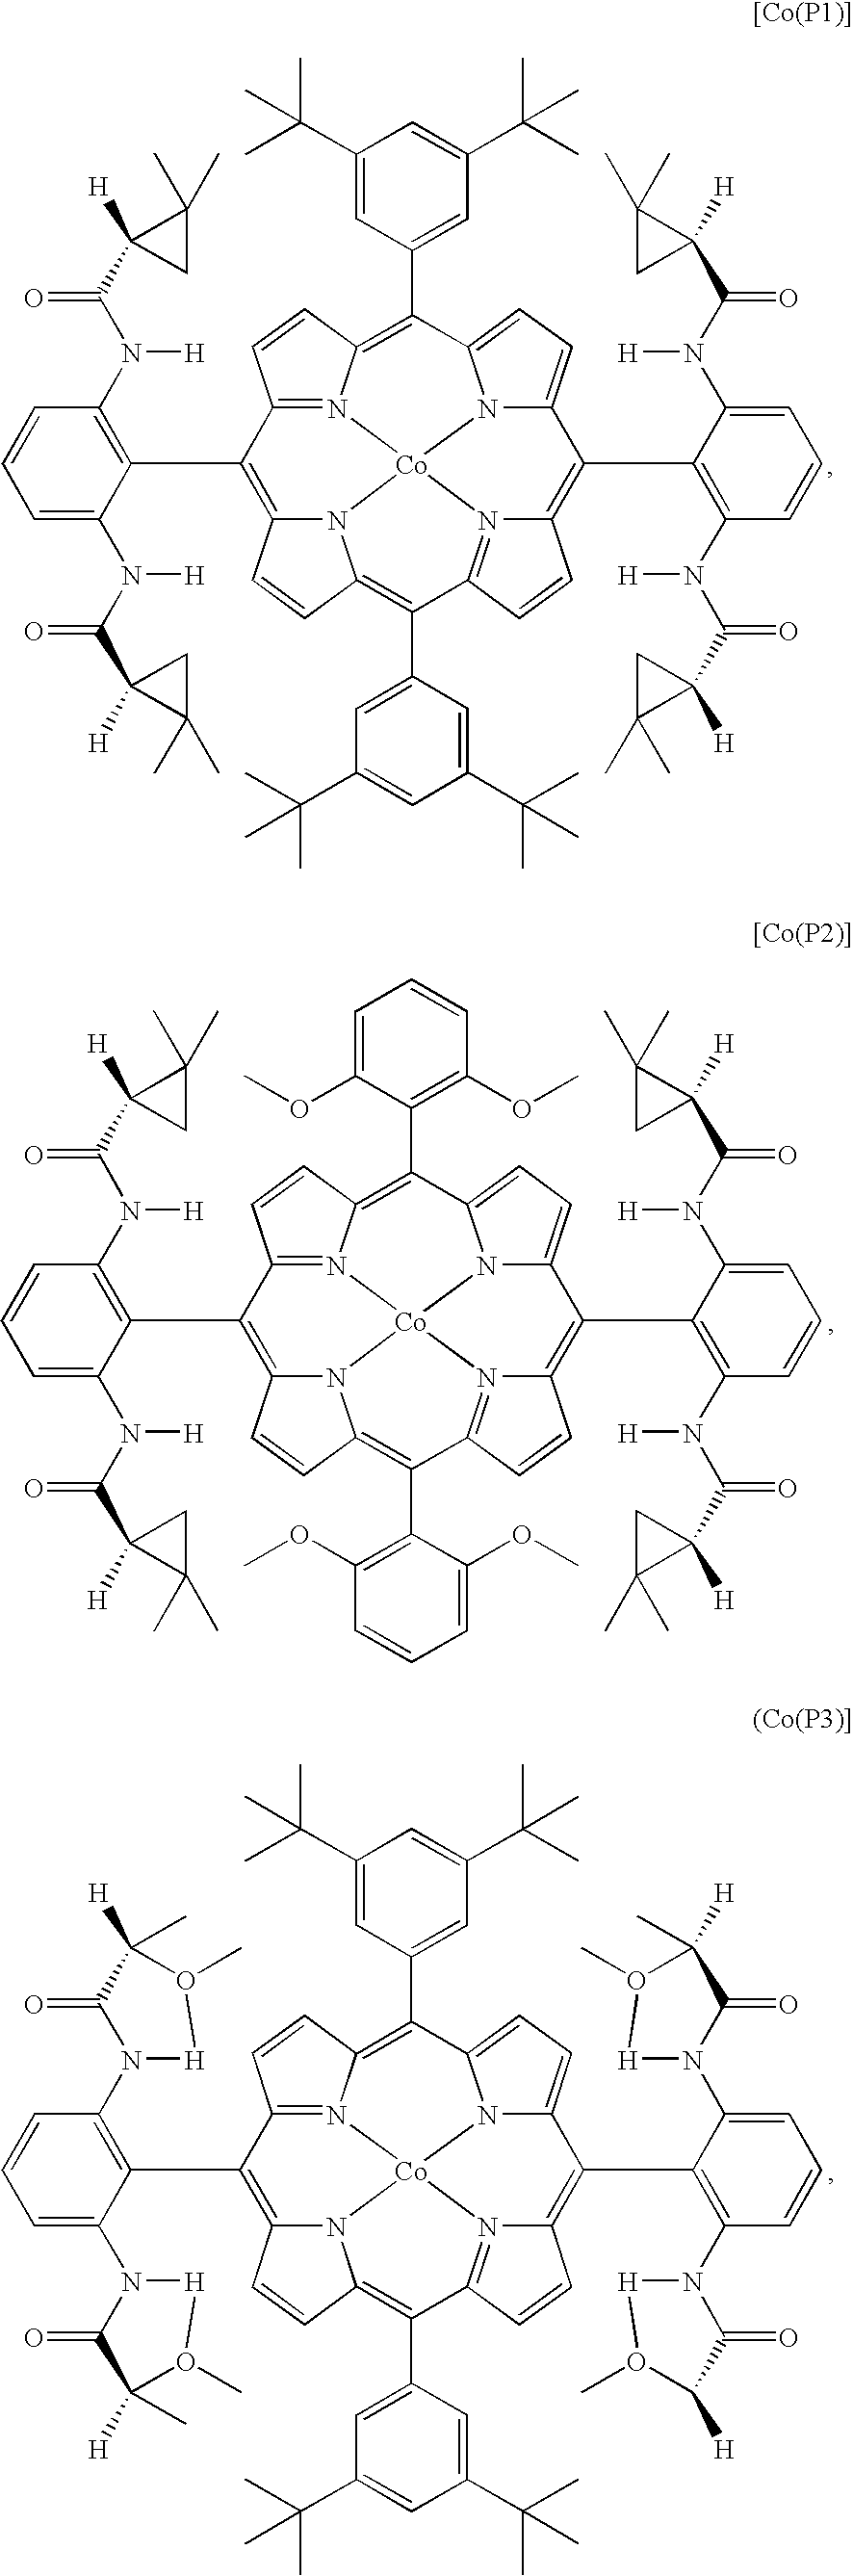 Figure US20100081838A1-20100401-C00121